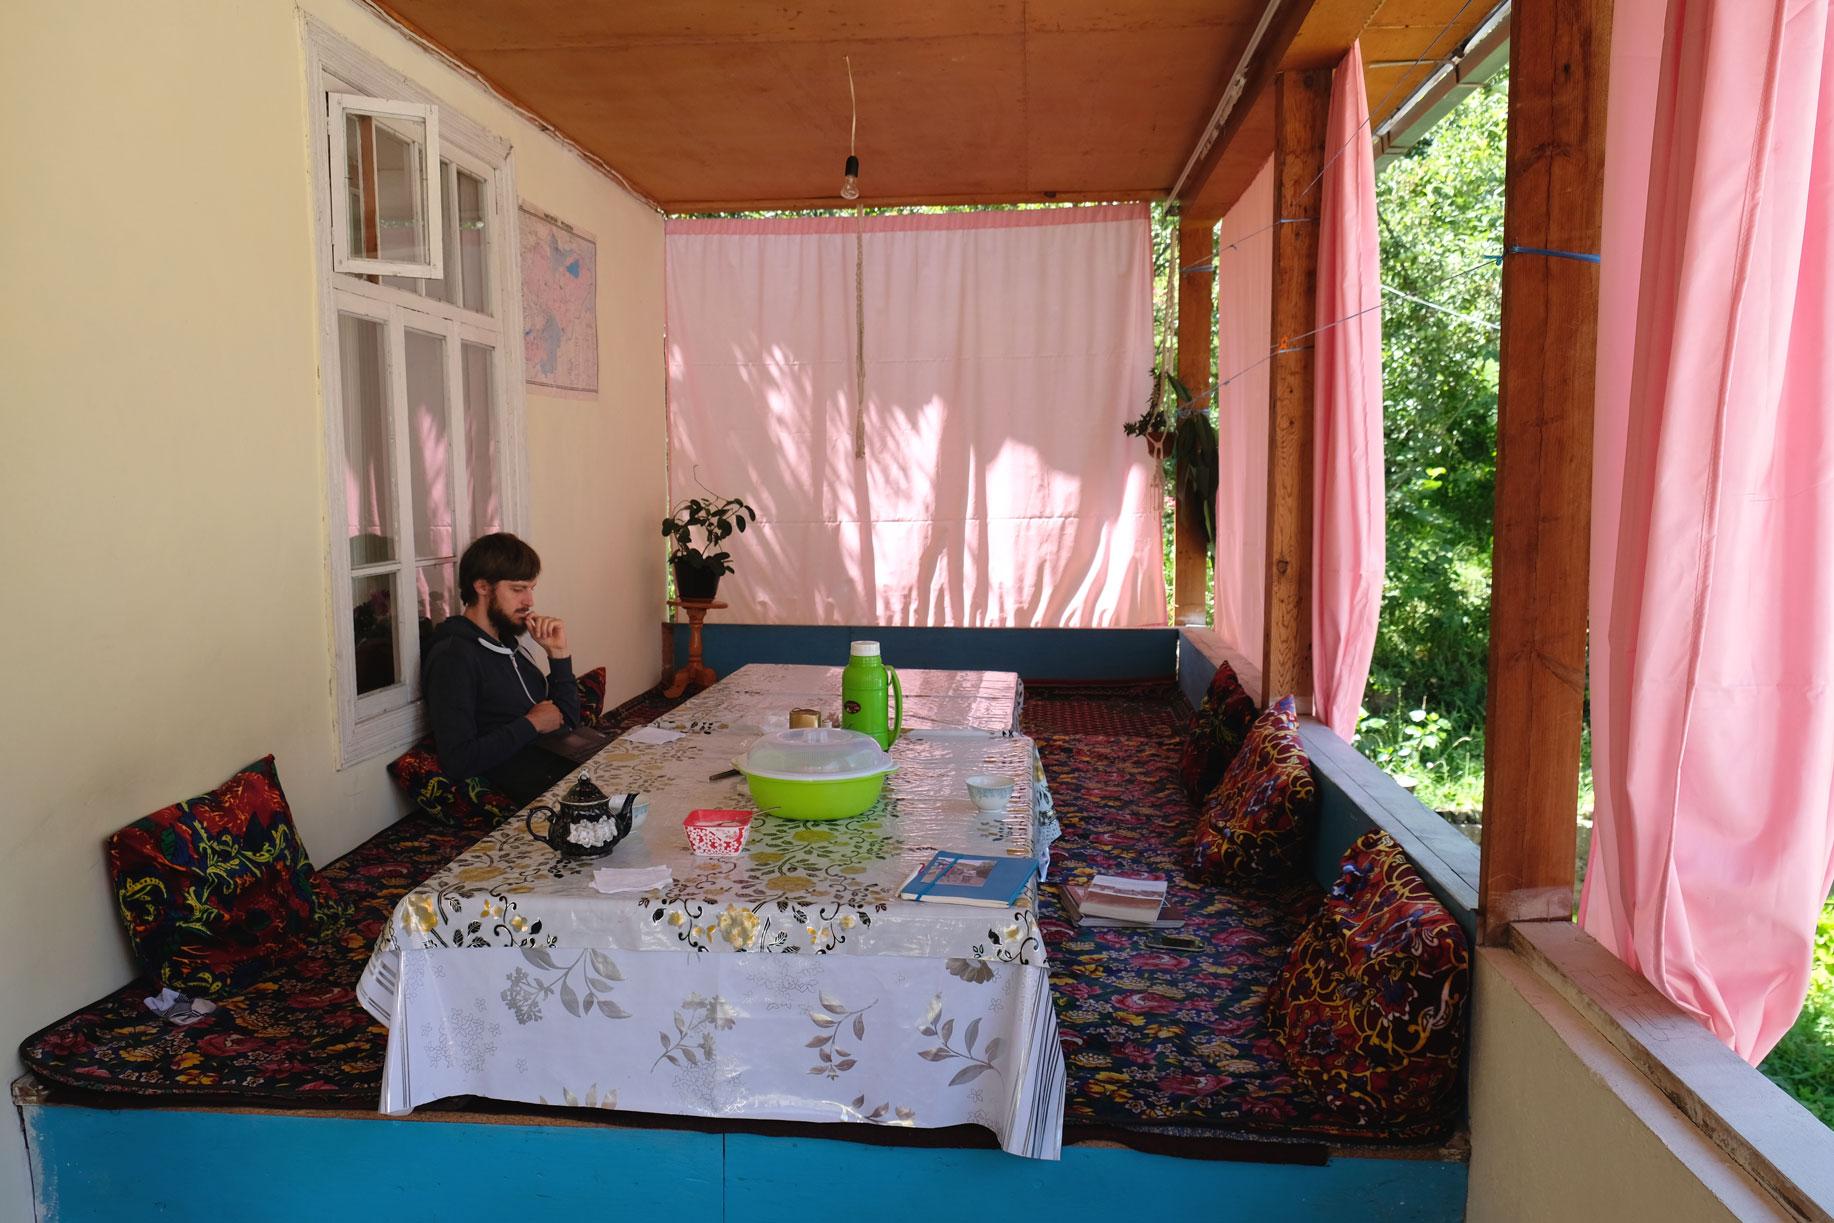 Sebastian sitzt am Tisch eines Homestays in Arslanbob.